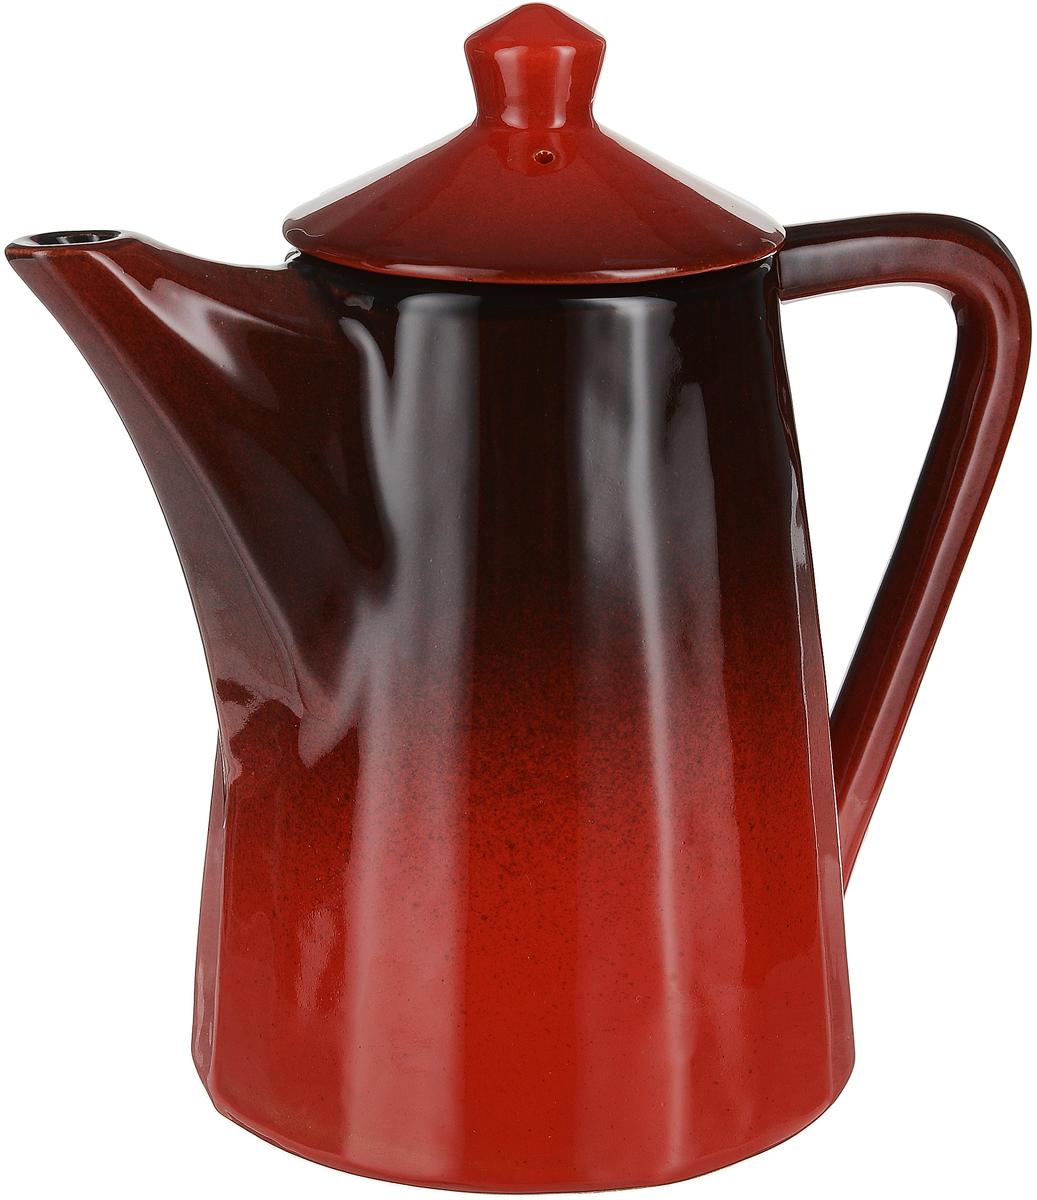 Чайник заварочный Борисовская керамика Ностальгия, цвет: красный, коричневый, 0,8 лКРС14457145Чайник заварочный Борисовская керамика Ностальгия выполнен из высококачественной керамики. Чайник вытянутой формы с коротким носиком и практичной ручкой. Крышка дополнена удобным держателем. Внутри заварочного чайника находится сотейник, изготовленный также из керамики. Изделие выполнено в двух цветах в технике градиент.